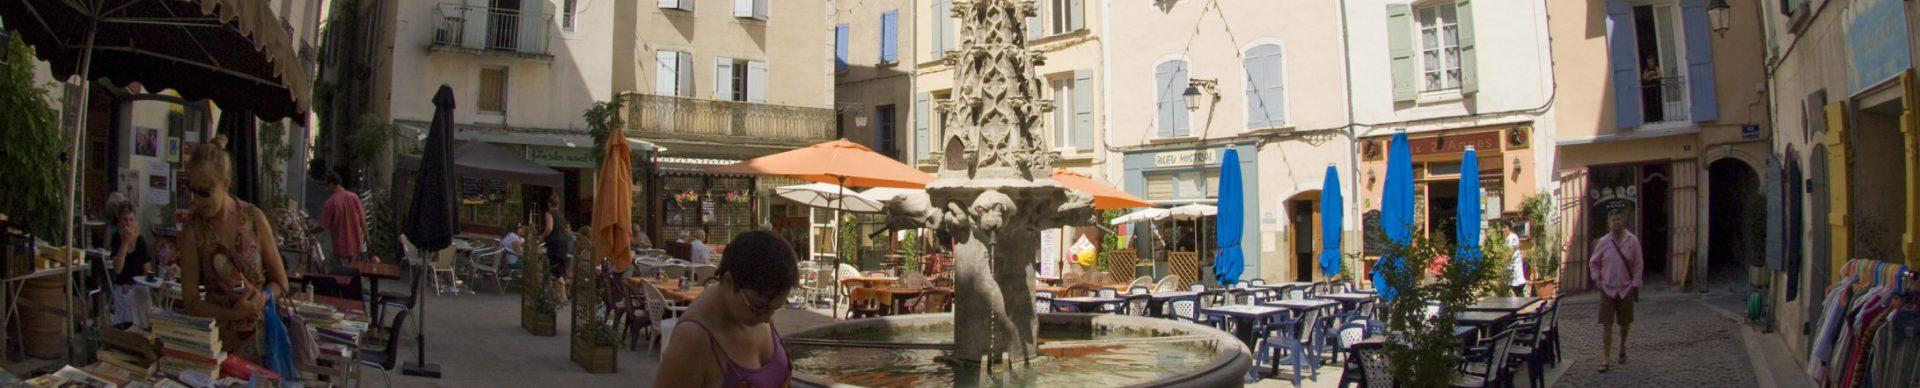 Forcalquier place St Michel ©M. Boutin